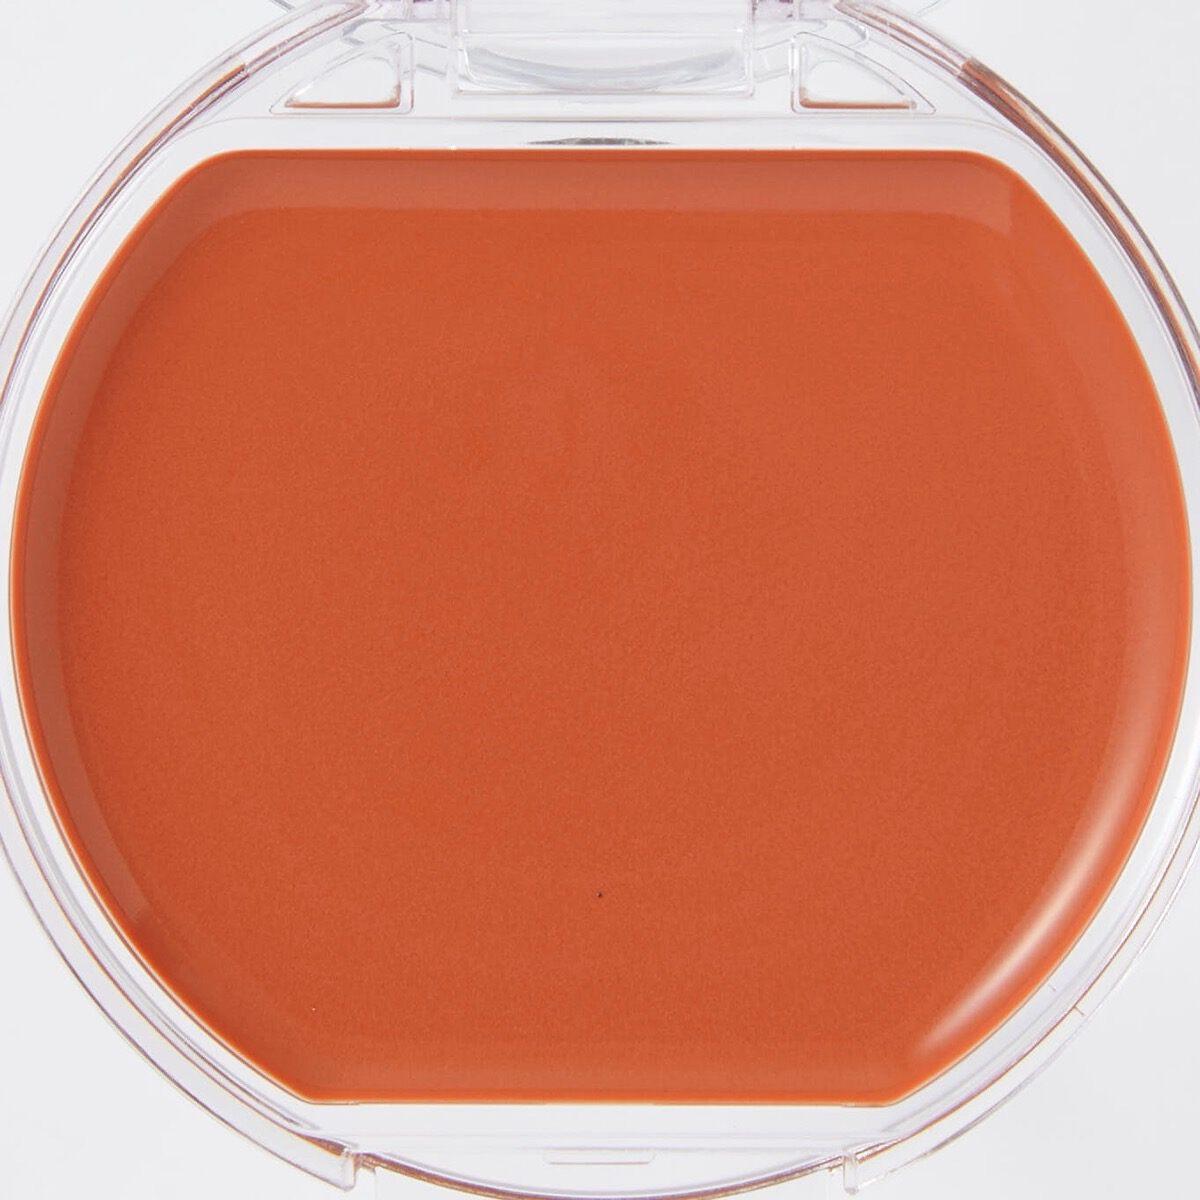 CANMAKE(キャンメイク)『クリームチーク 21 タンジェリンティー』の使用感をレポに関する画像7